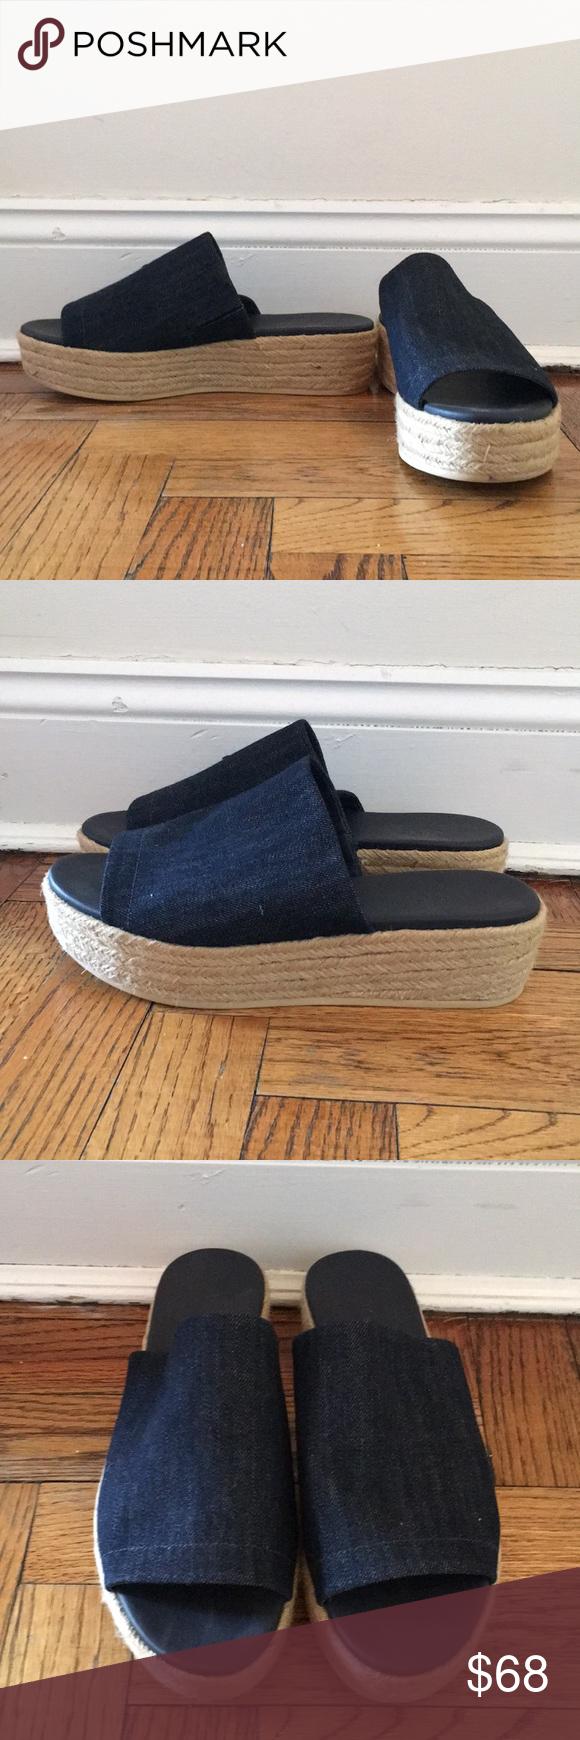 150a14de3a3 Vince Denim Platform Espadrilles size 7 Vince Solana denim espadrille  platform slide sandals. size 7